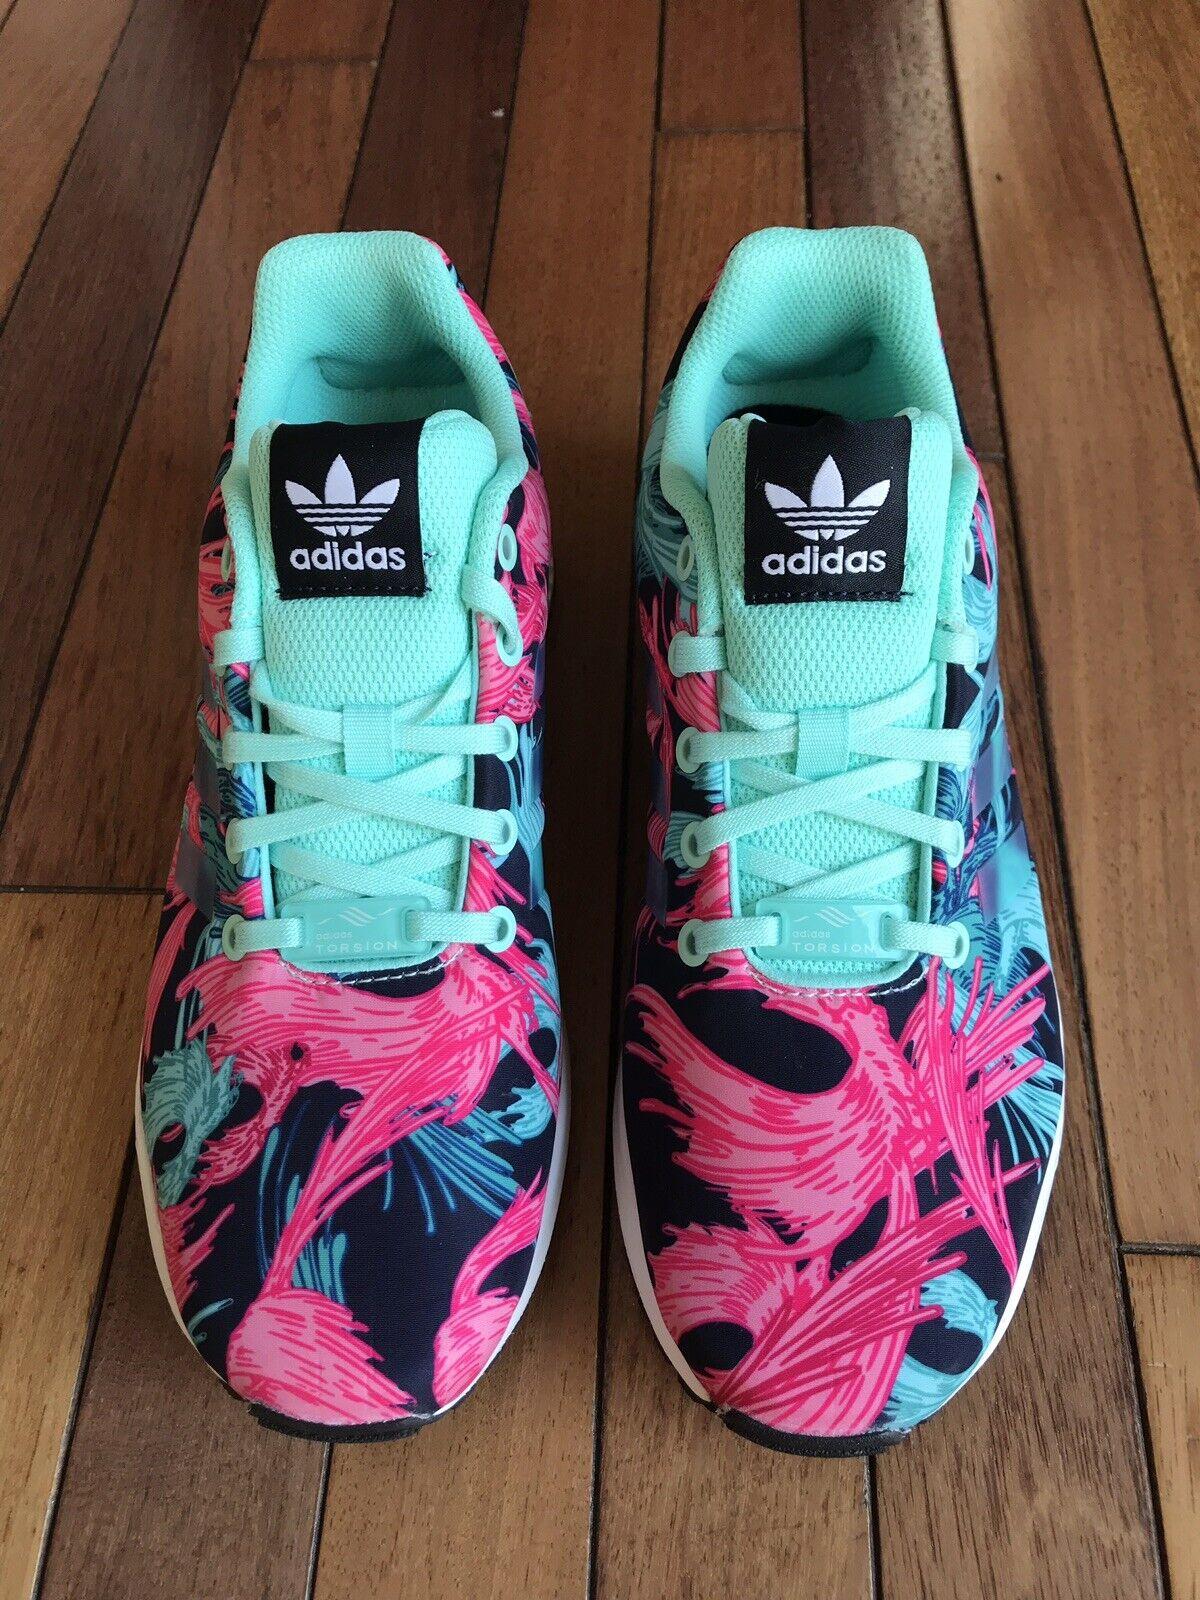 Adidas Originals ZX Flux BY9827 Women's Size 7